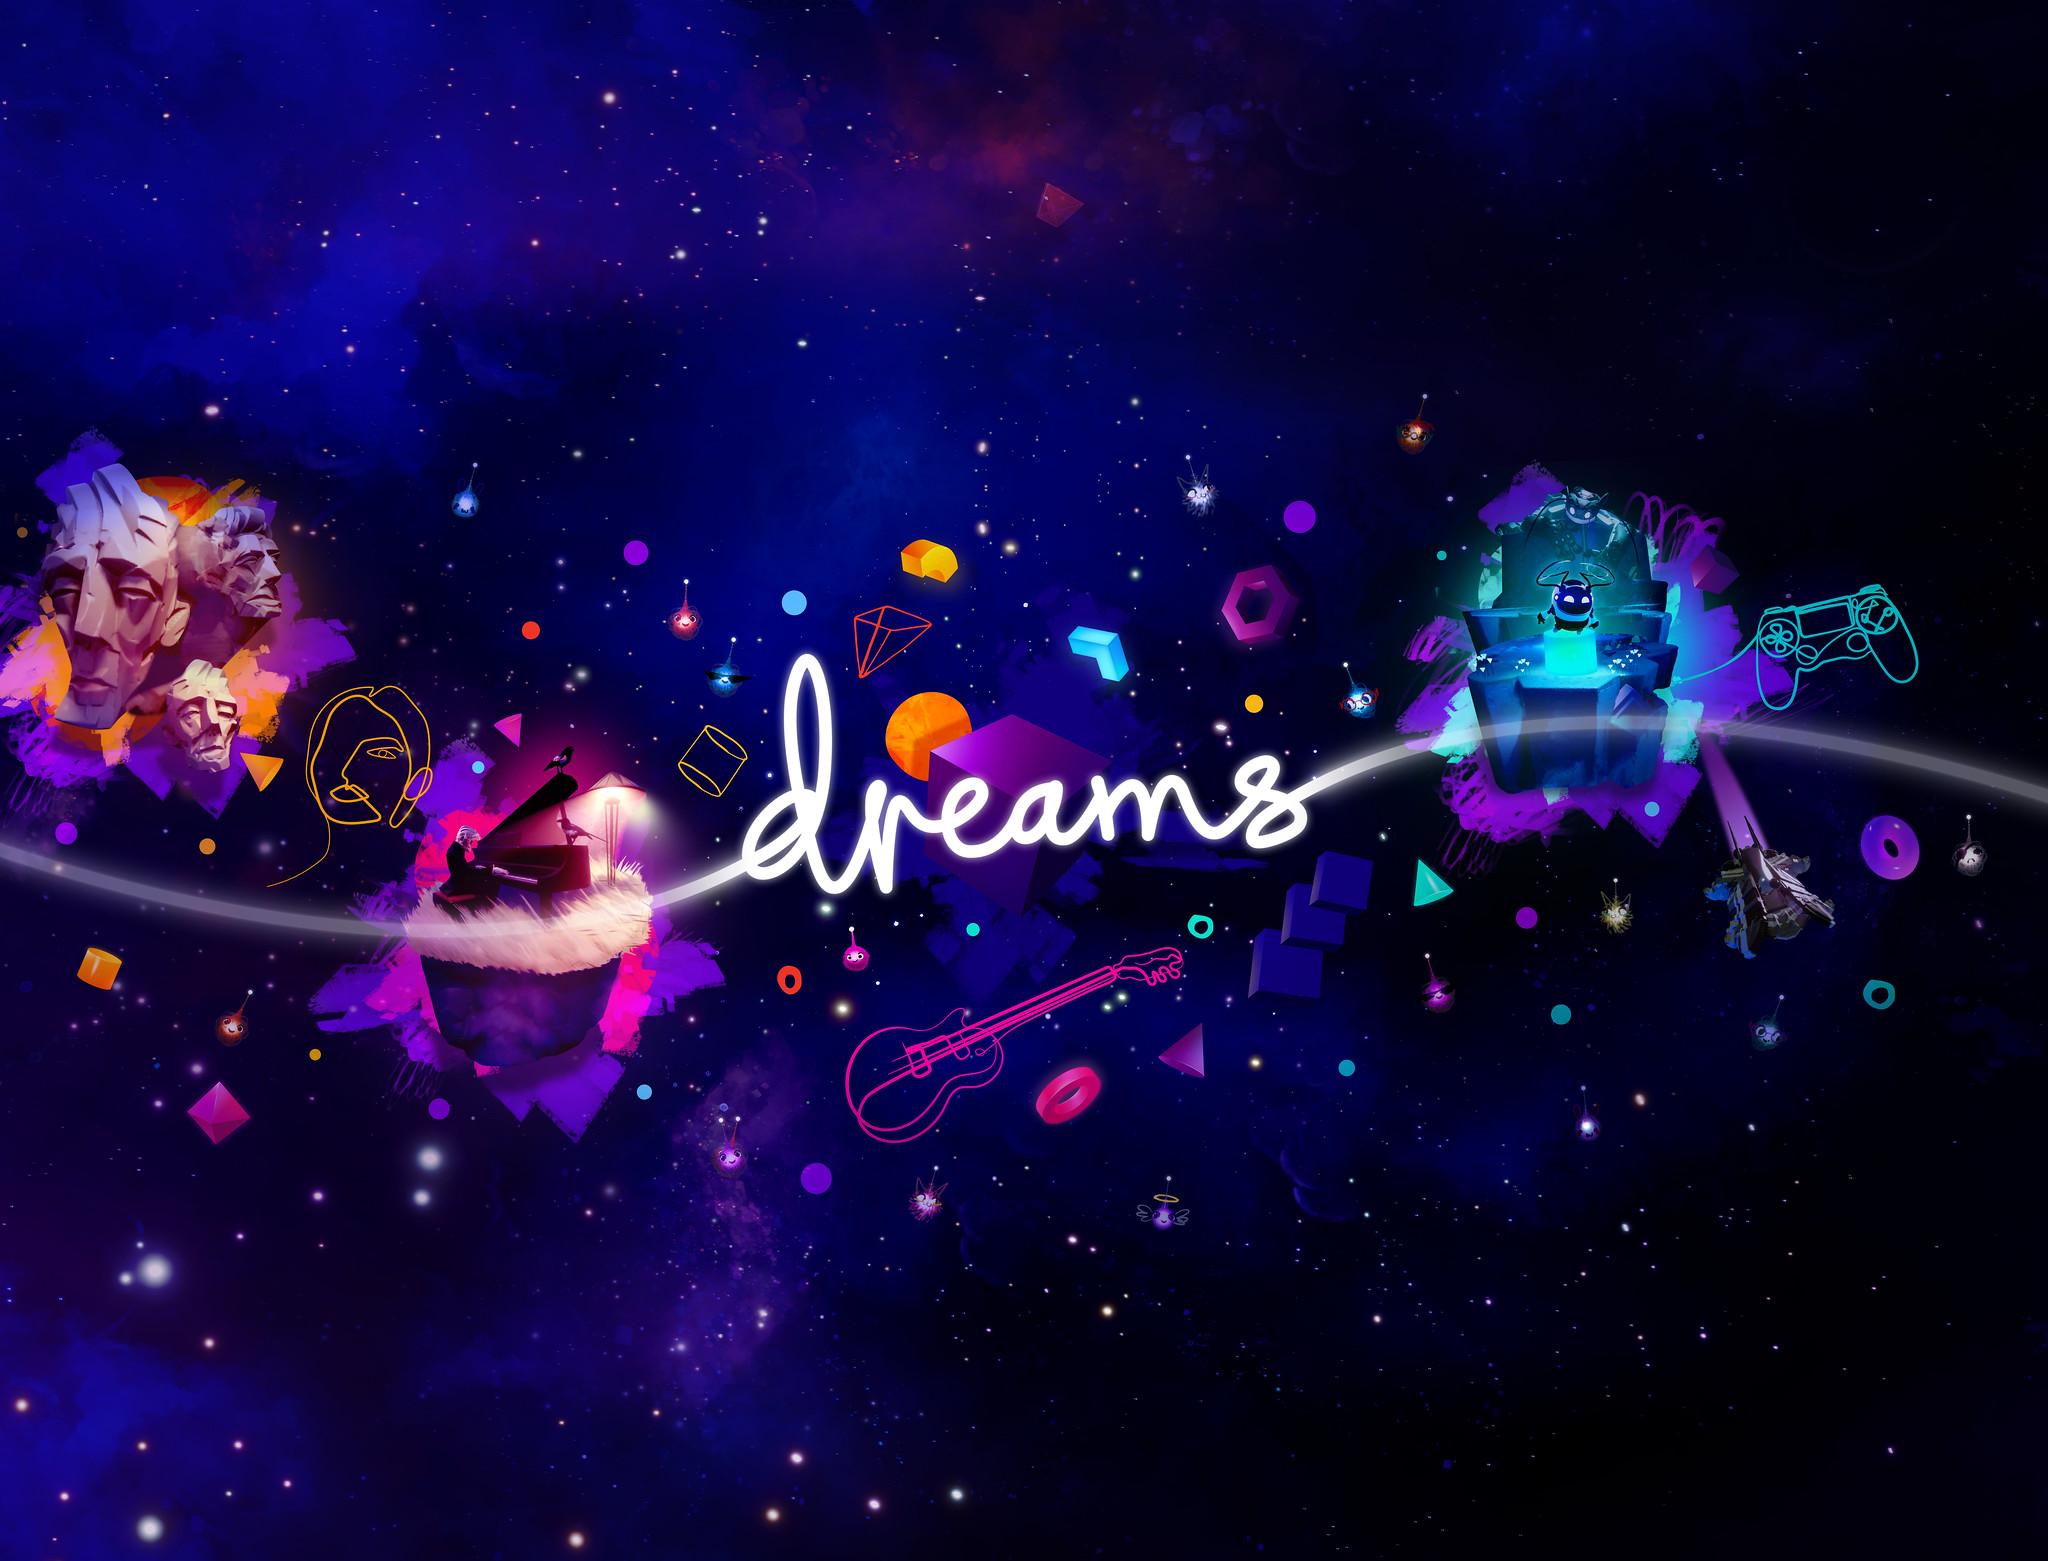 49198853101 13e89a794d k - Dreams wird am 14. Februar 2020 eure Herzen stehlen